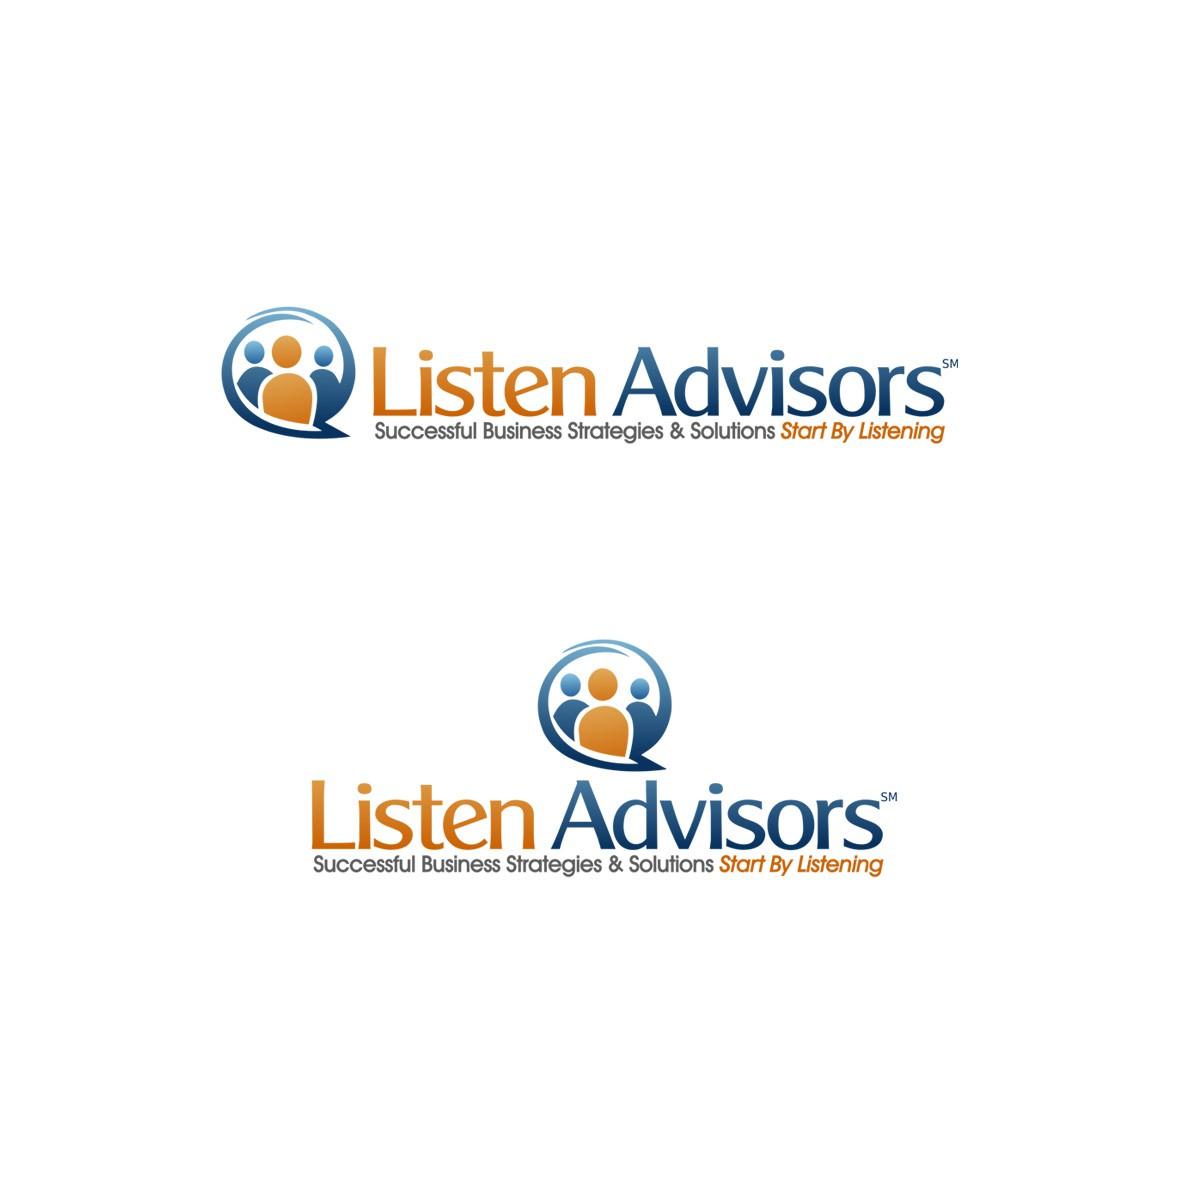 Create the next logo for Listen Advisors